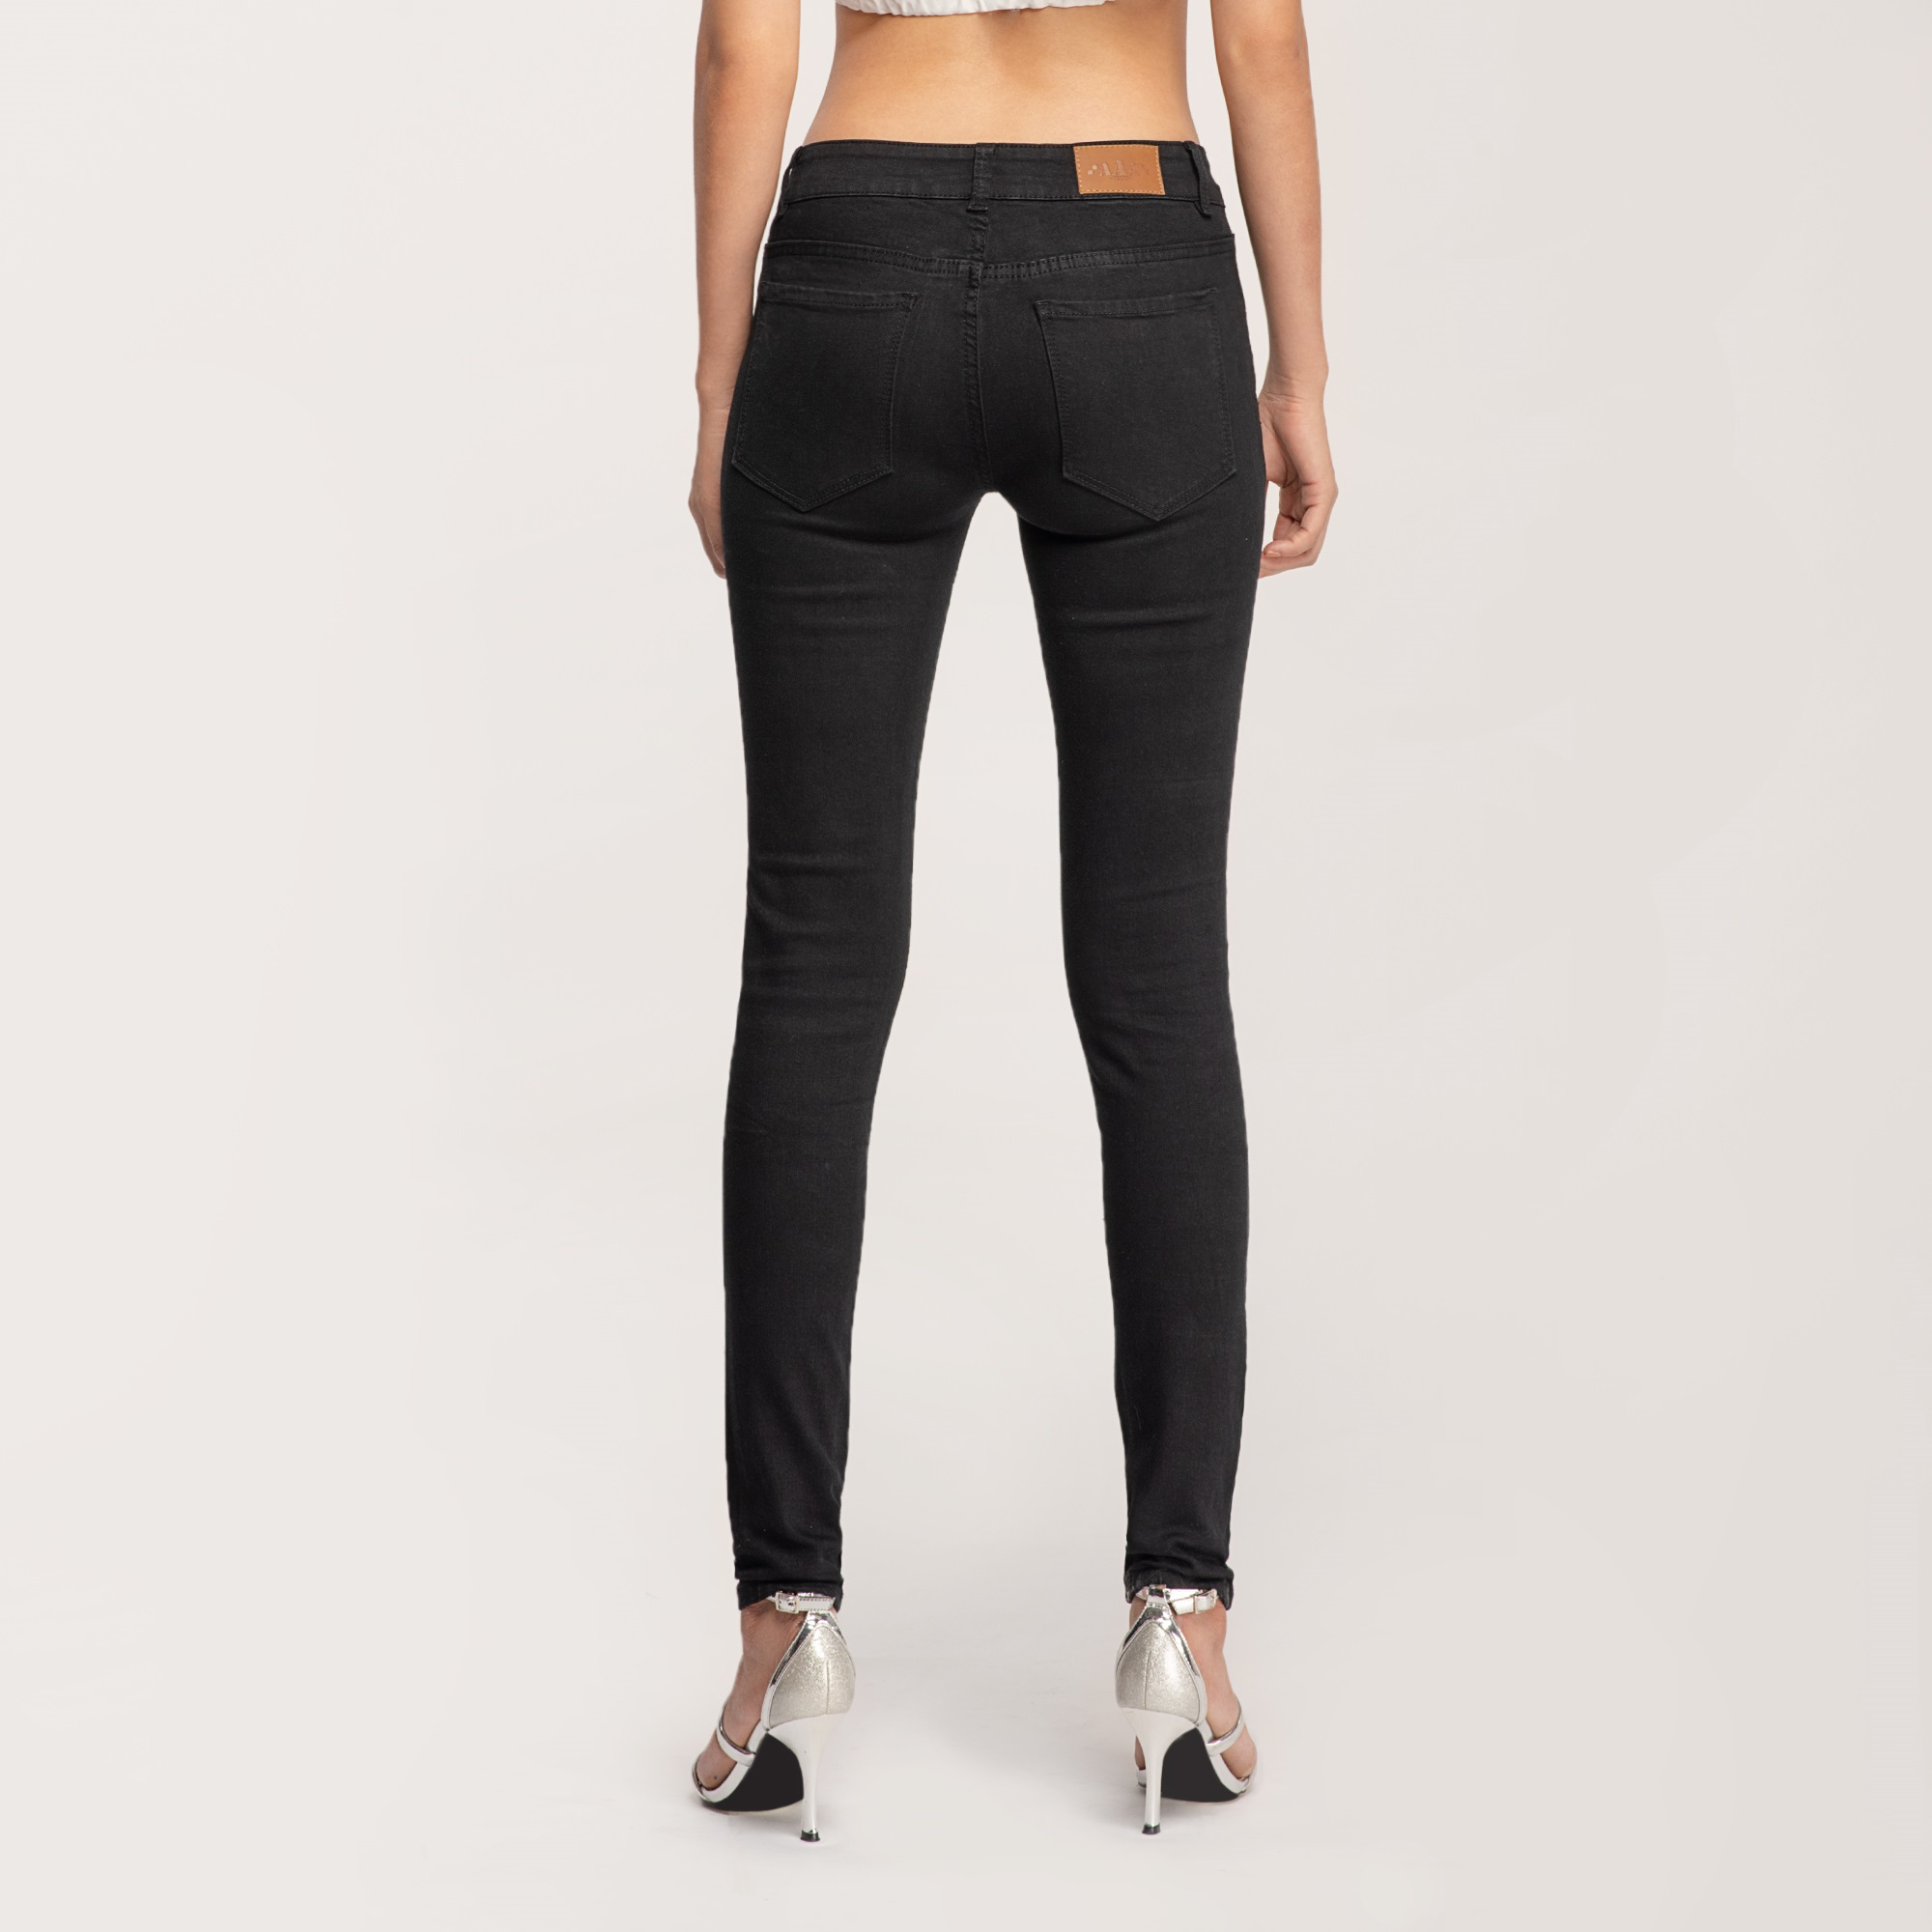 Quần Jean Nữ Skinny Lưng Vừa Aaa Jeans Có Nhiều Màu Size 26 - 32